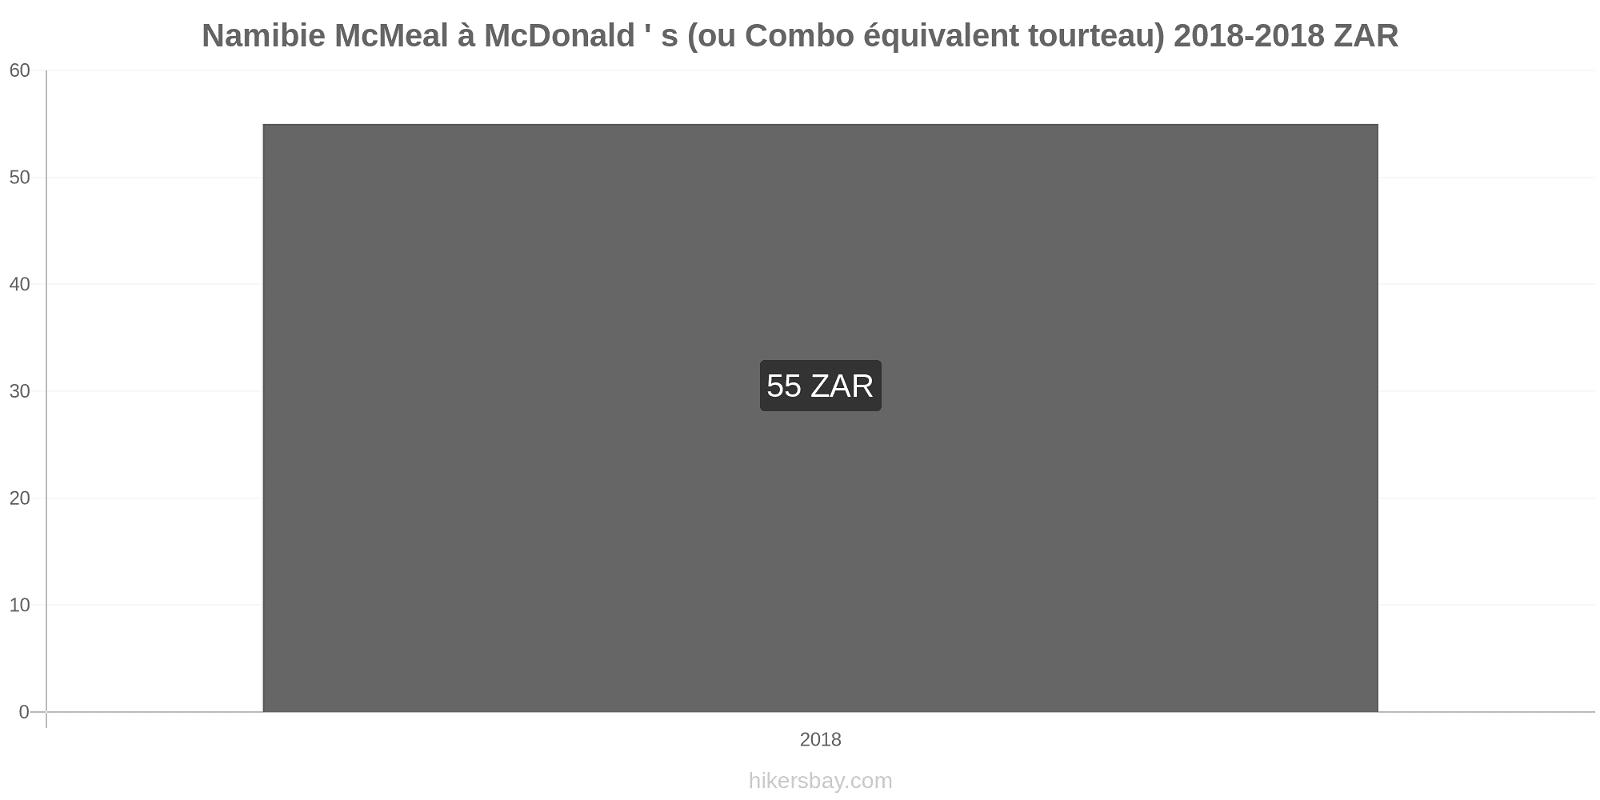 Namibie changements de prix McMeal à McDonald ' s (ou Combo équivalent tourteau) hikersbay.com